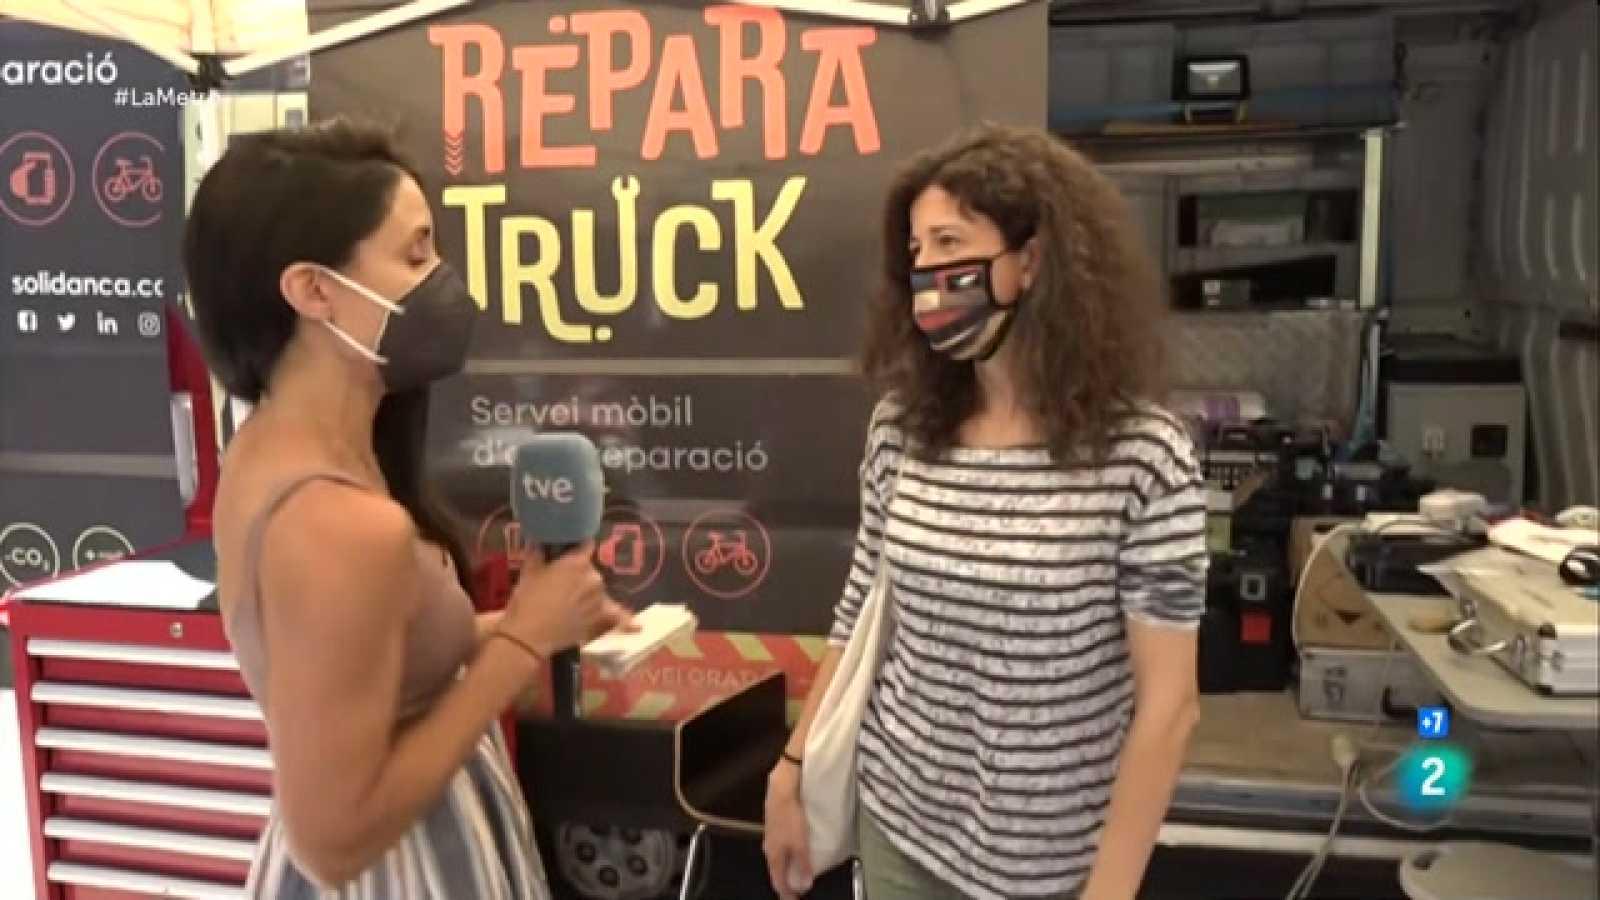 Anem cap al barri de Gràcia de Barcelonaper conèixer la Reparatruck, un servei mòbil d'autoreparació que va visitant barris i pobles fomentant la reducció de residus i la sensibilització ambiental.